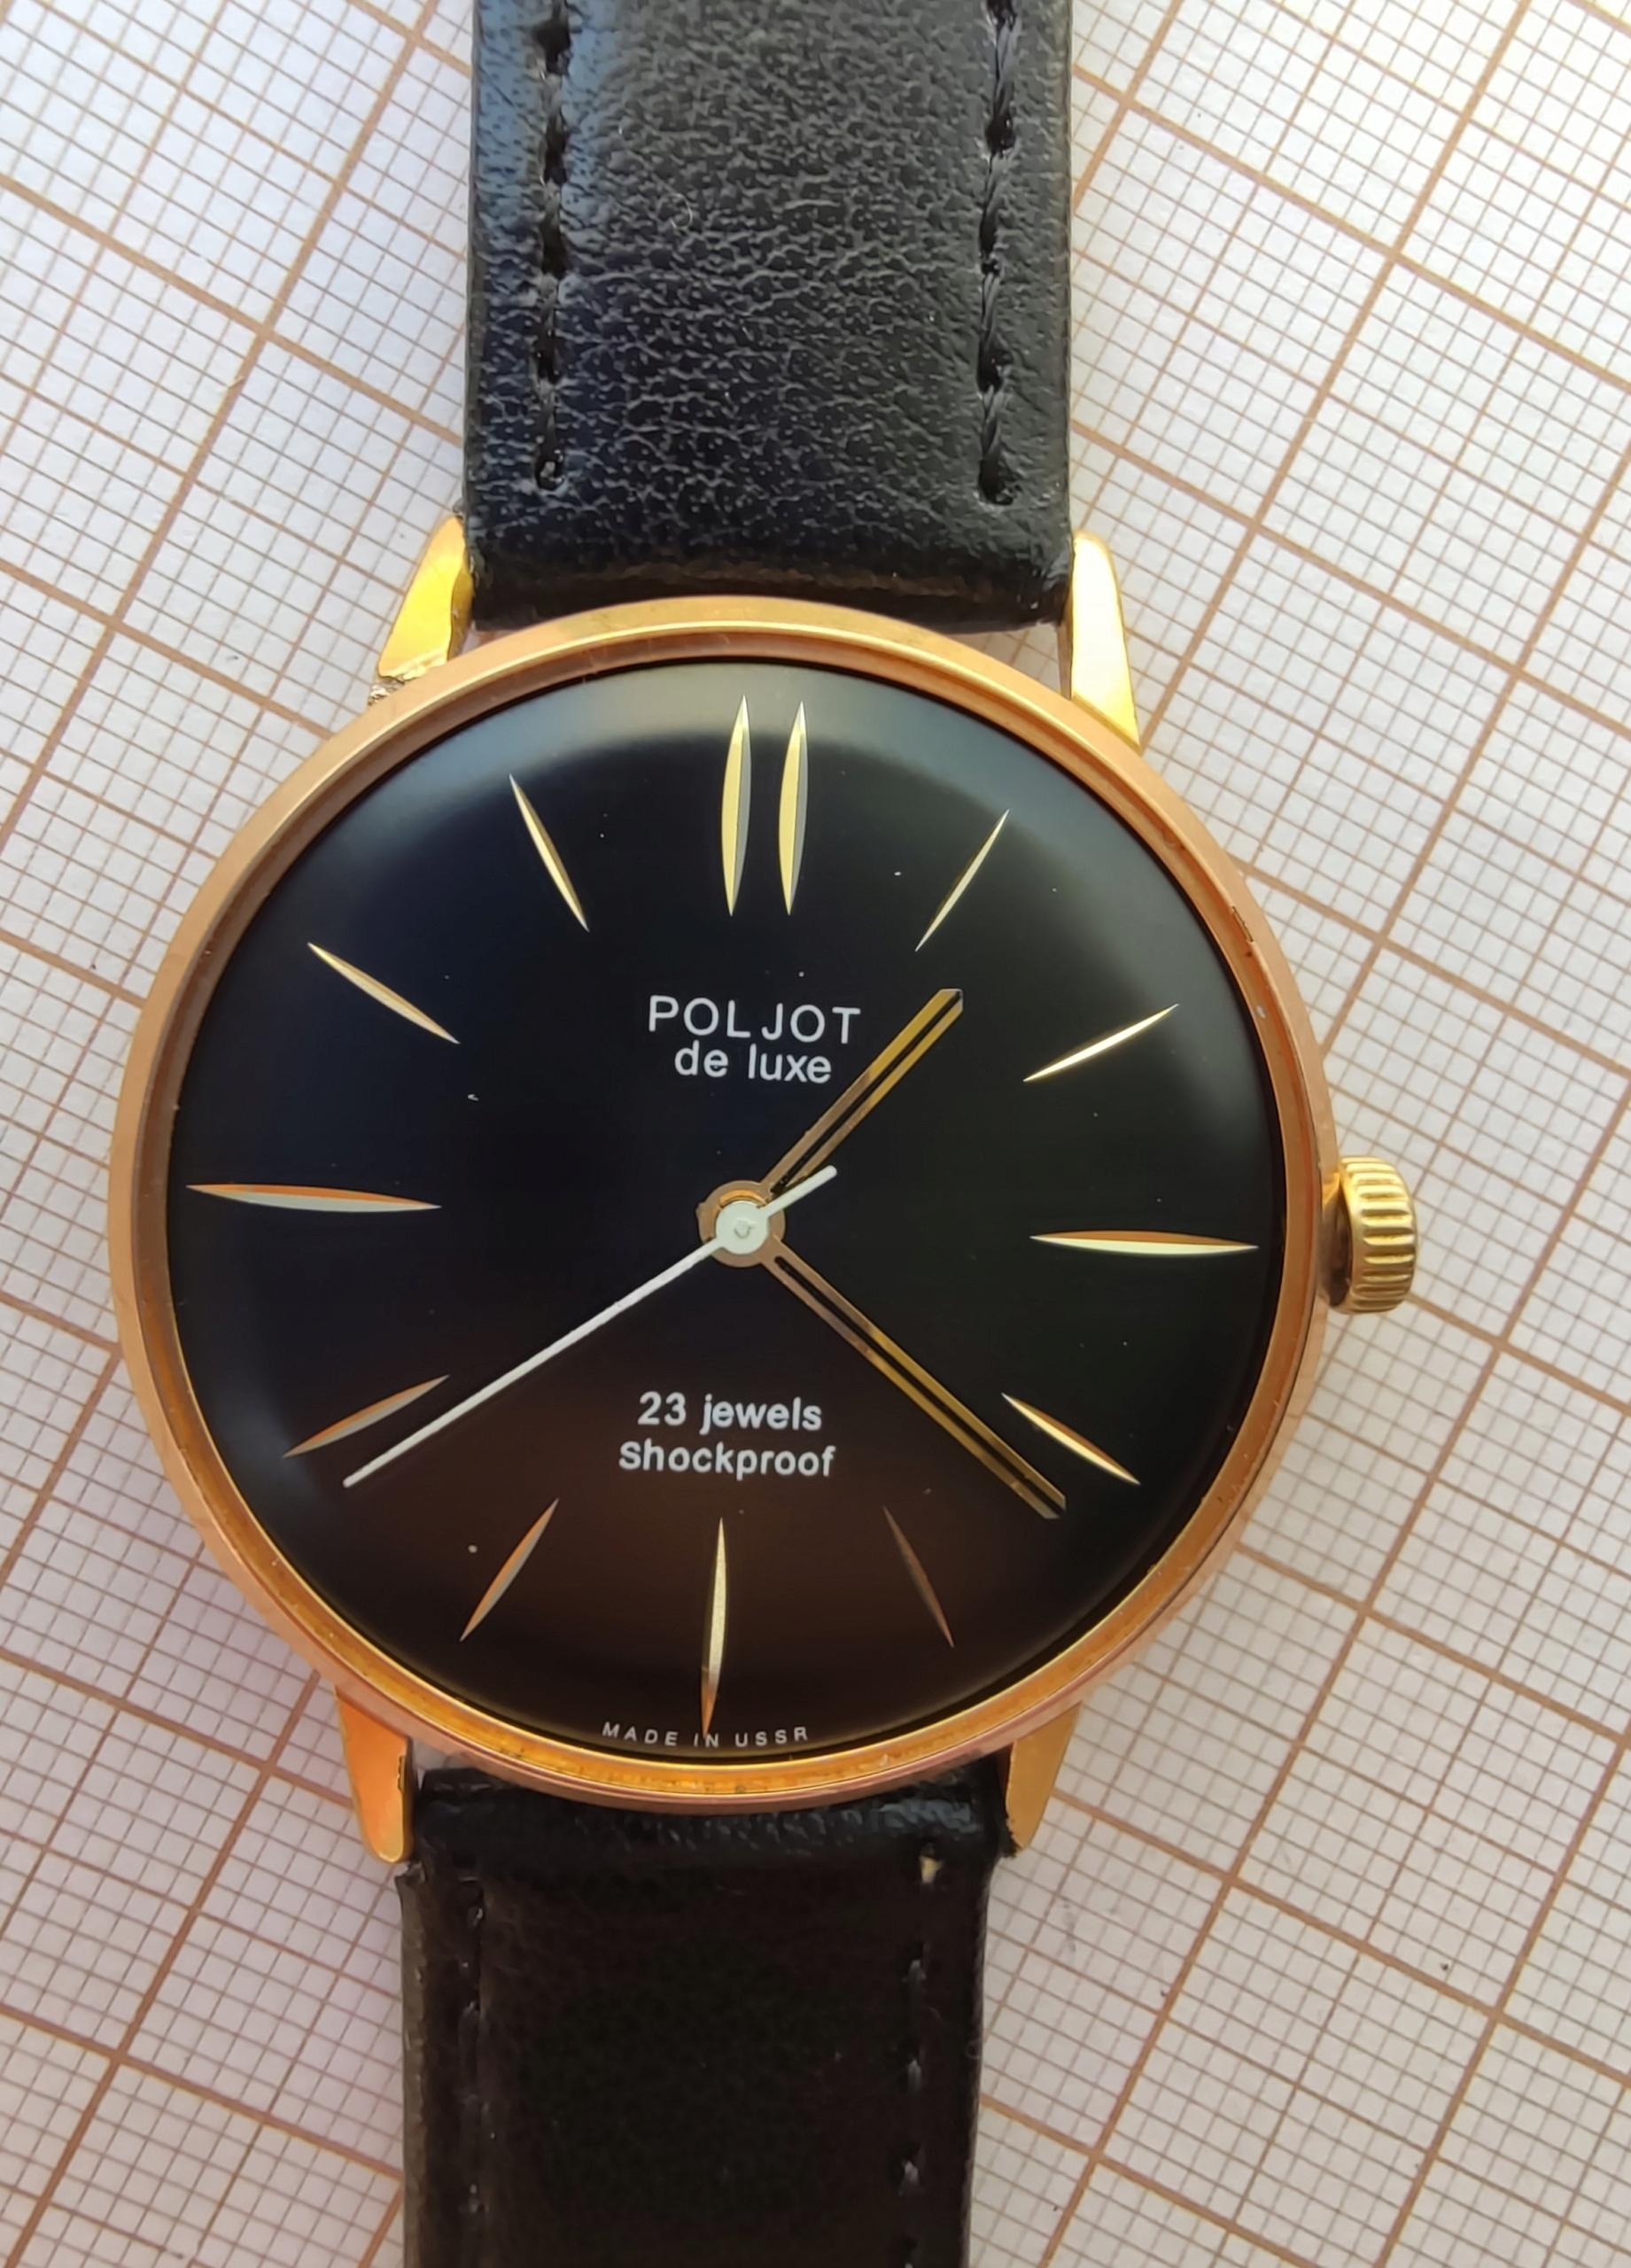 zegarek Poljot De LUXE 23 jewels